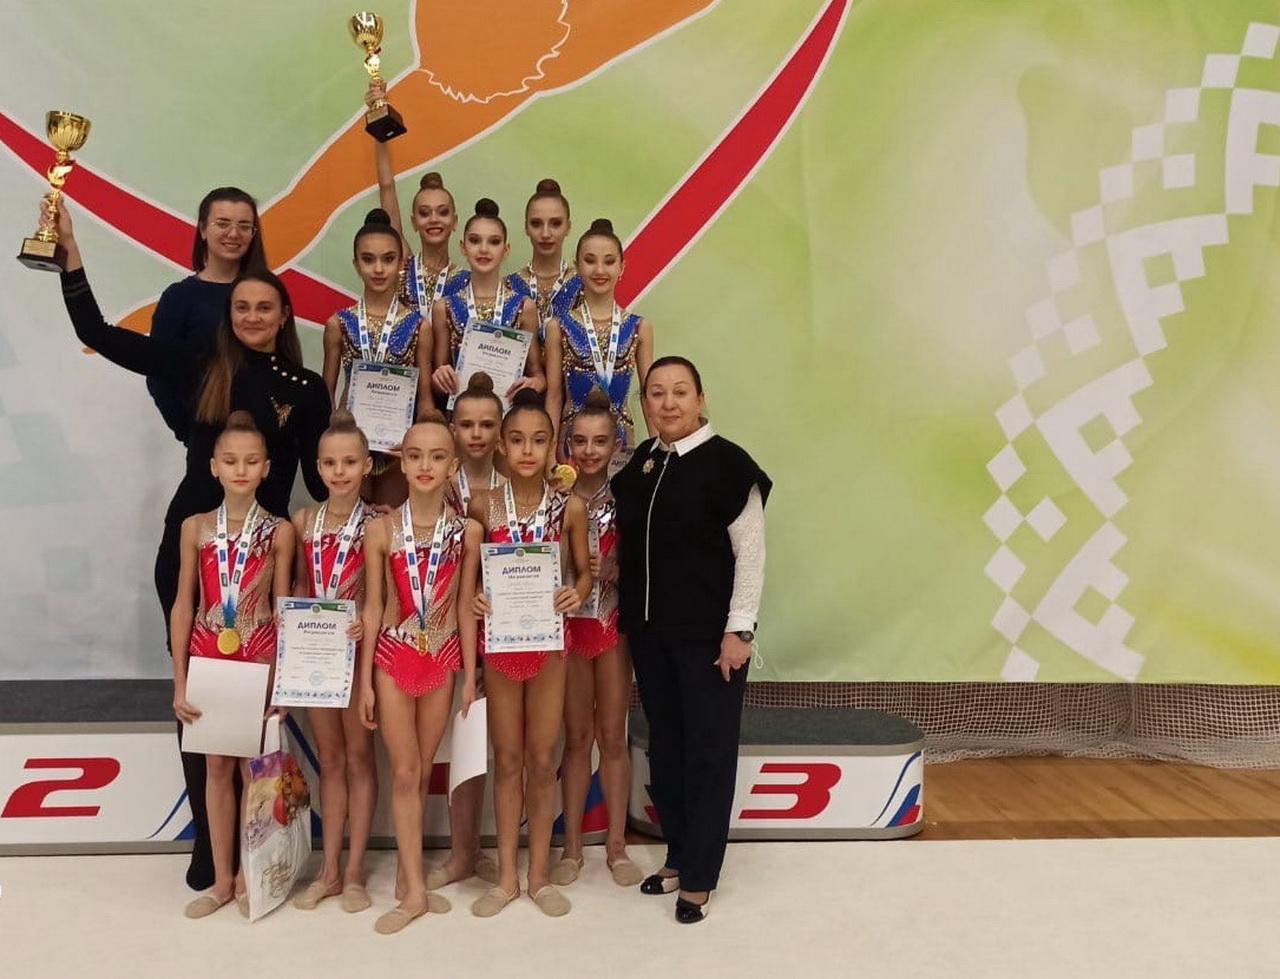 Уральские самоцветы: в Челябинске стартуют всероссийские соревнования по художественной гимнастике